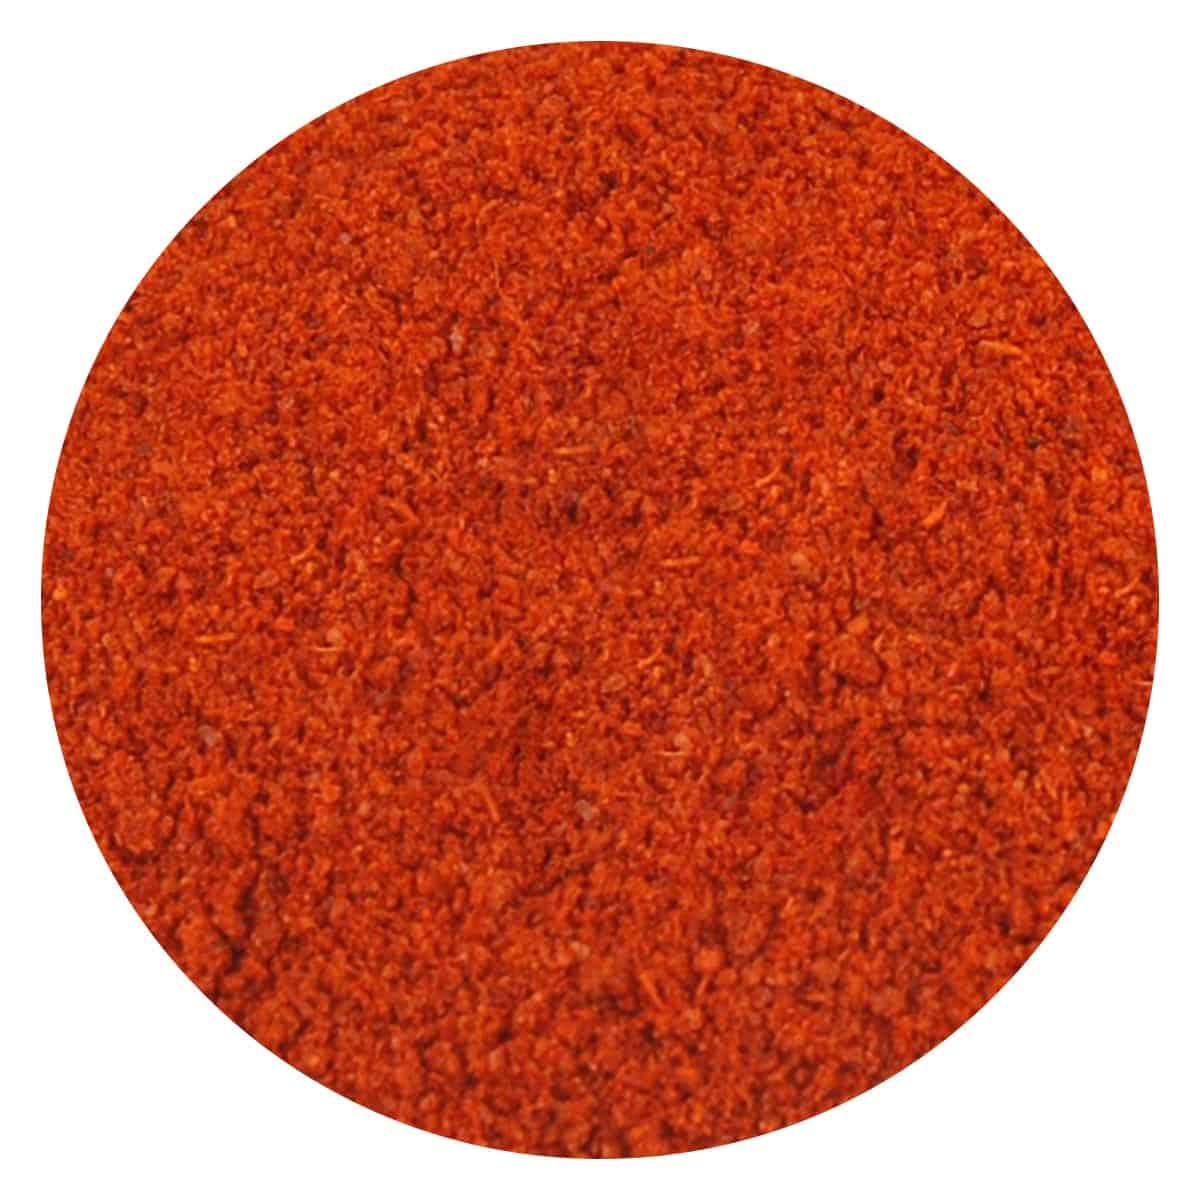 Buy IAG Foods Mirasol Chilli Powder - 450 gm